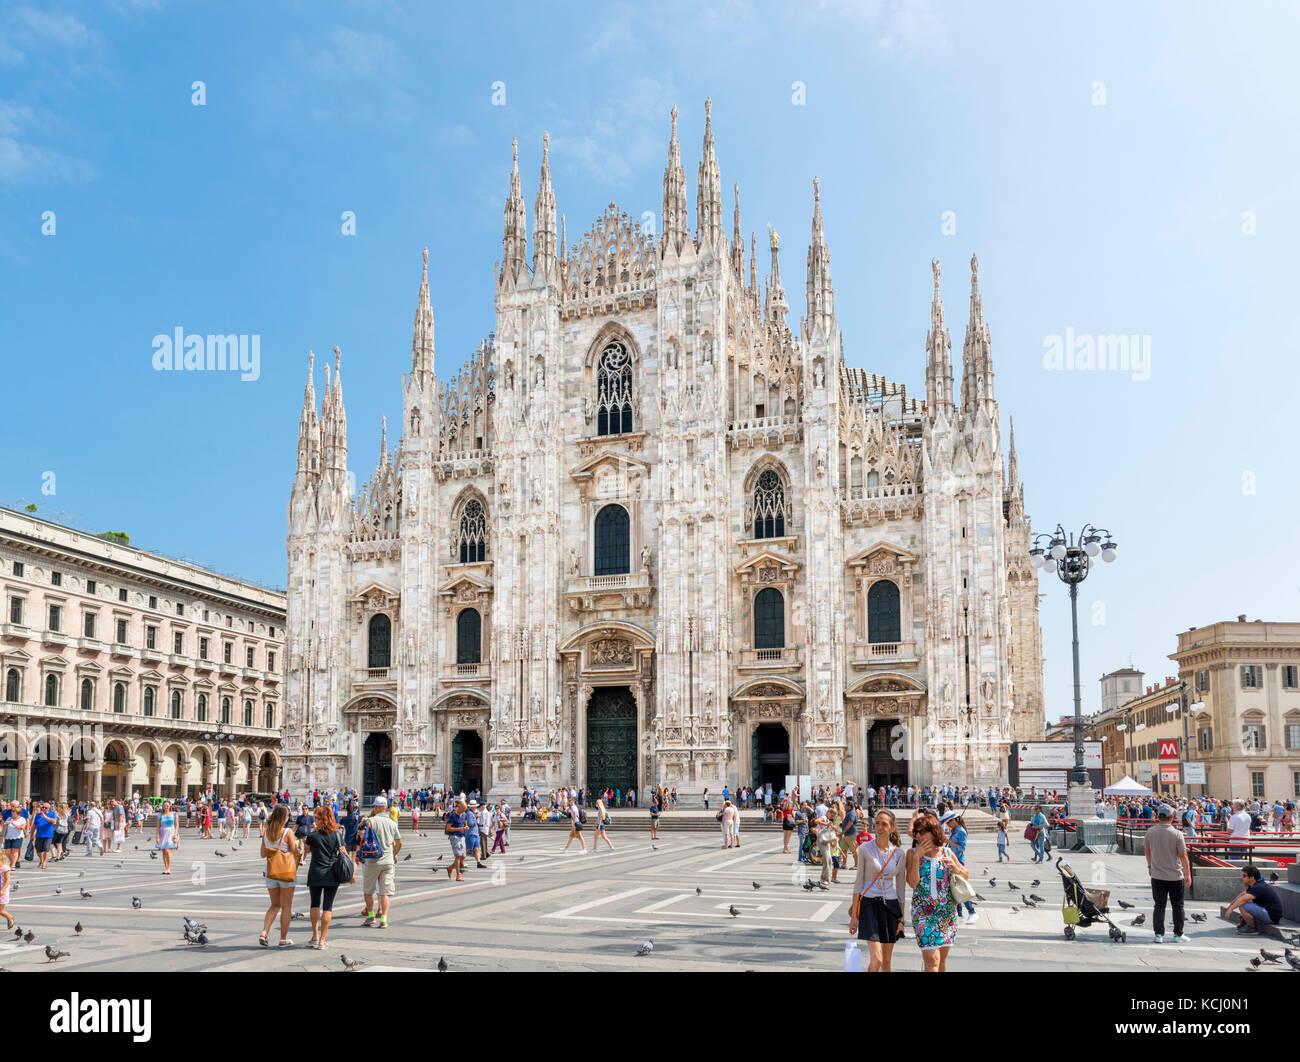 Duomo di Milano da Piazza del Duomo, Milano, Lombardia, Italia Immagini Stock